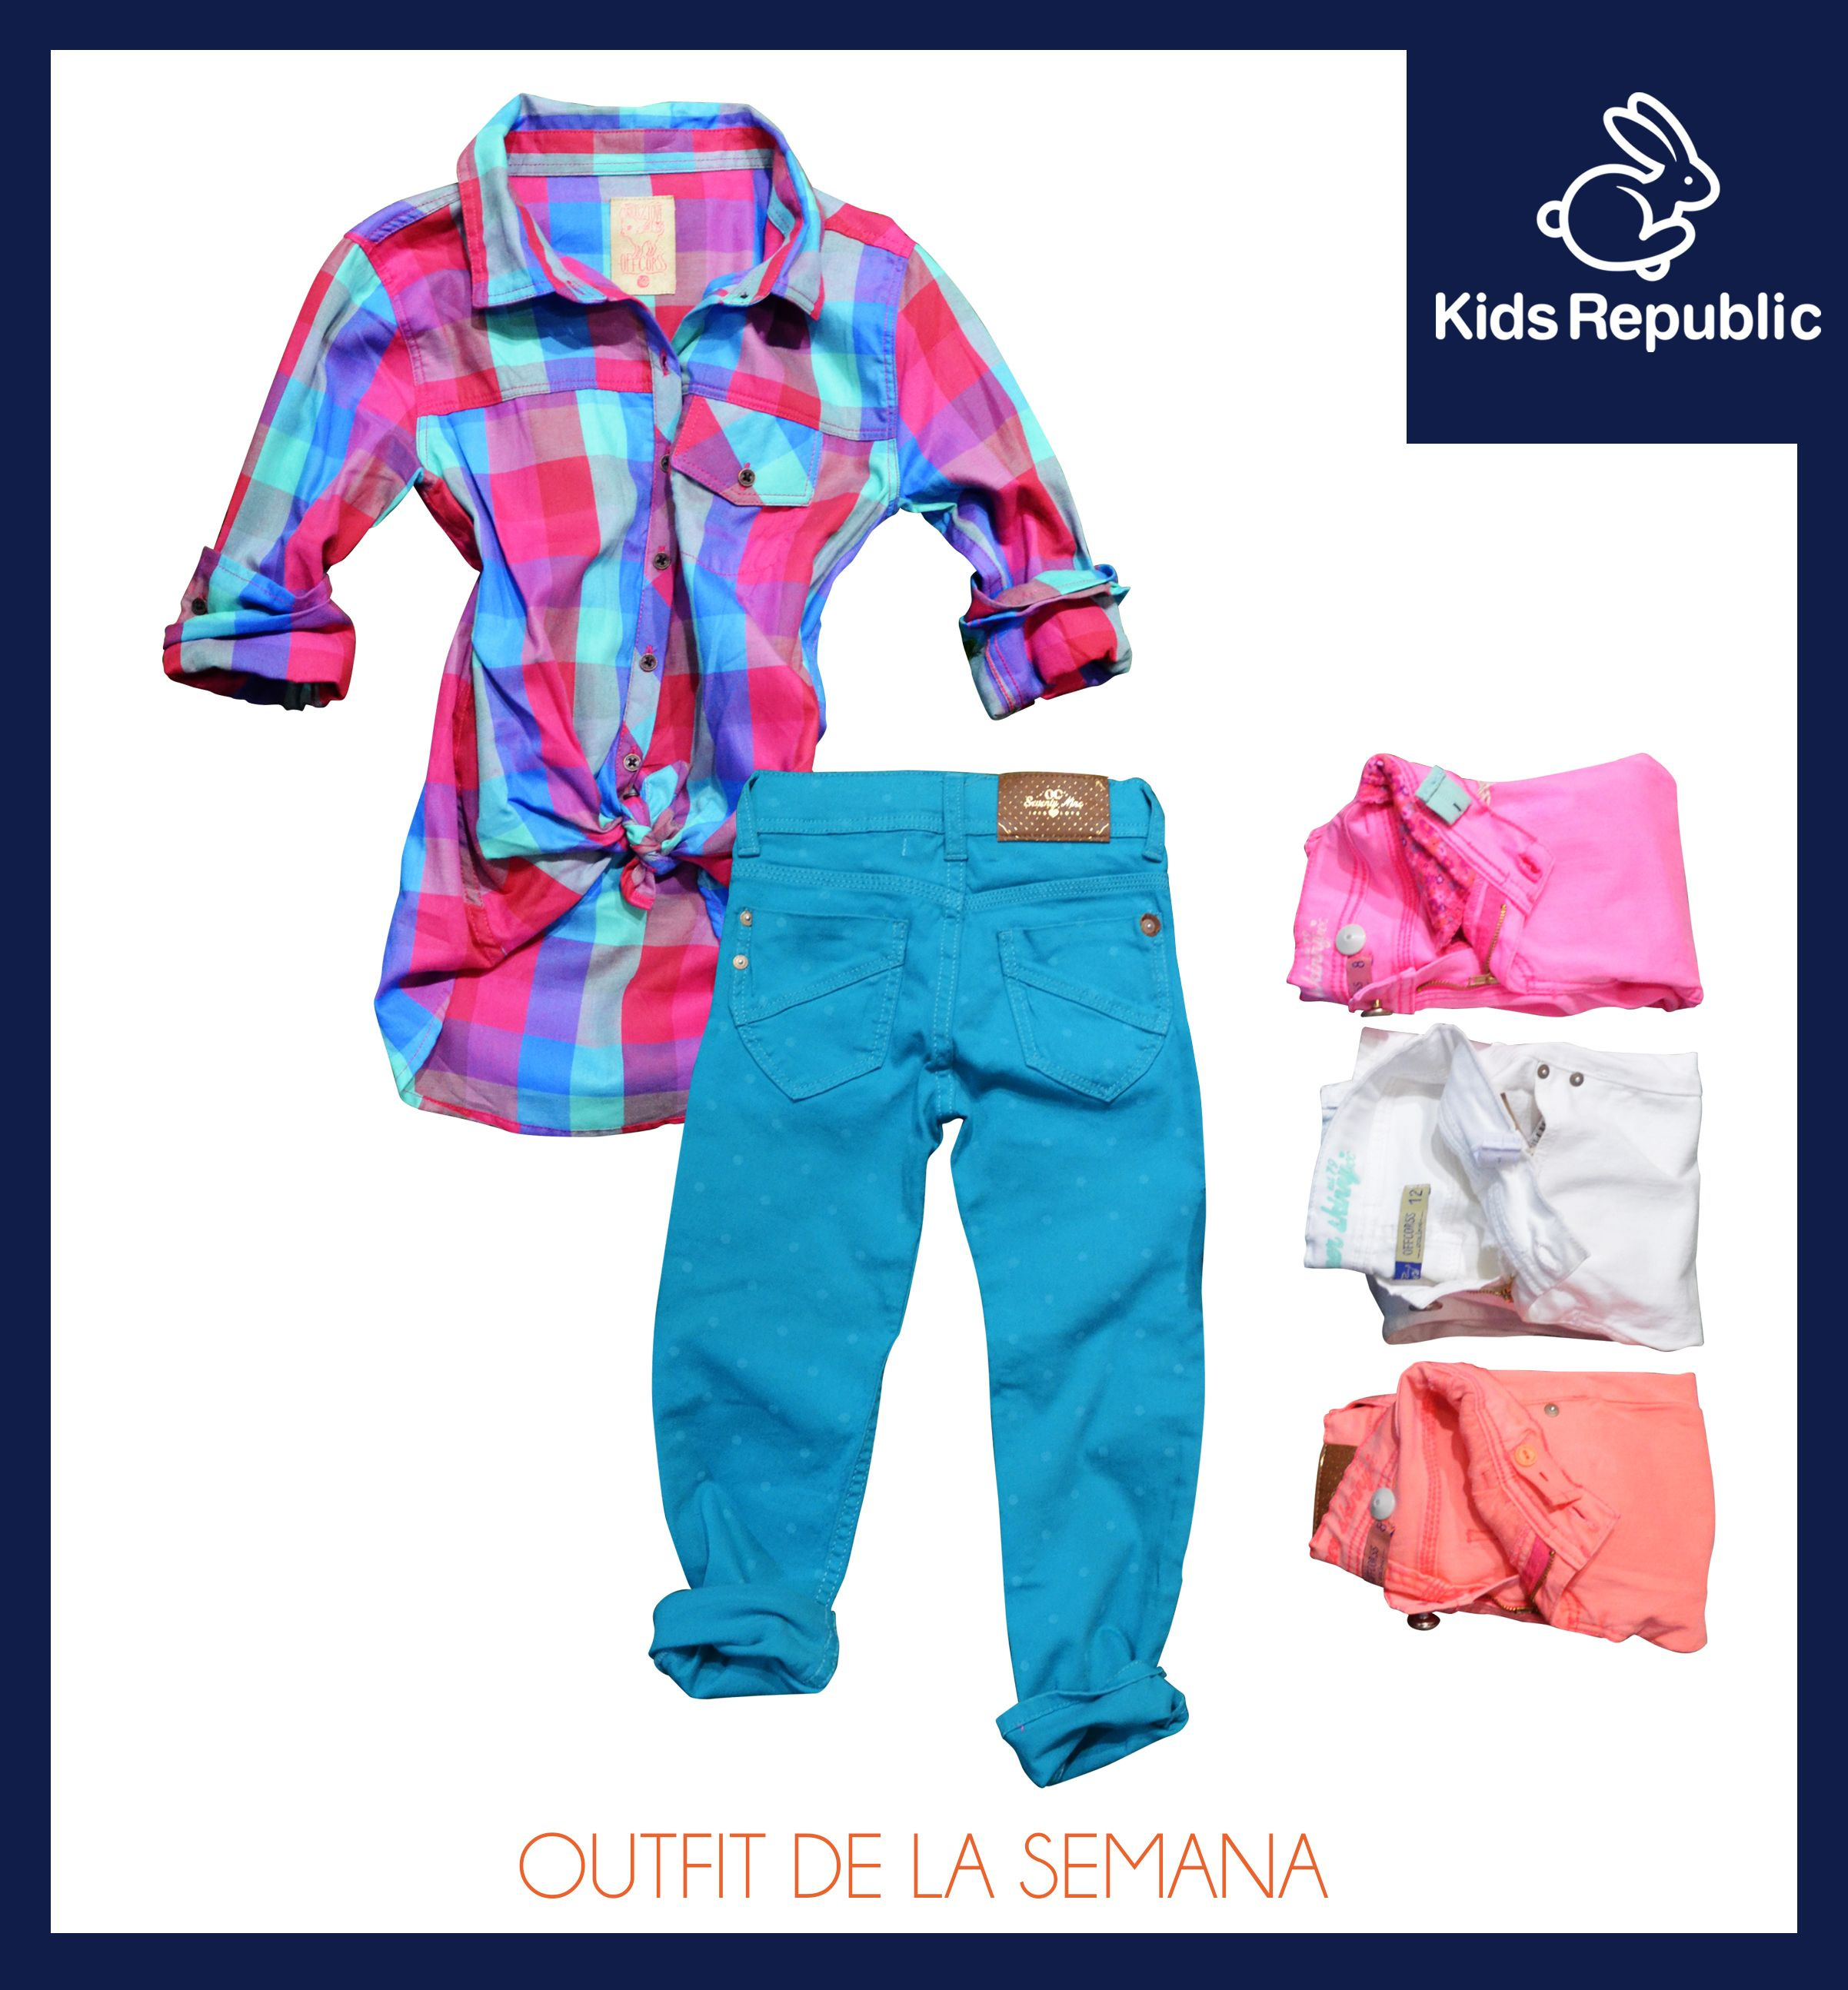 Está claro que una de las tendencias de esta temporada son las prendas de cuadros. Te ofrecemos esta camisa marcando un Street Style, fresca de colores radiantes y versátiles. Creando estupendos looks con estos pantalones Slim Fit en variados colores.